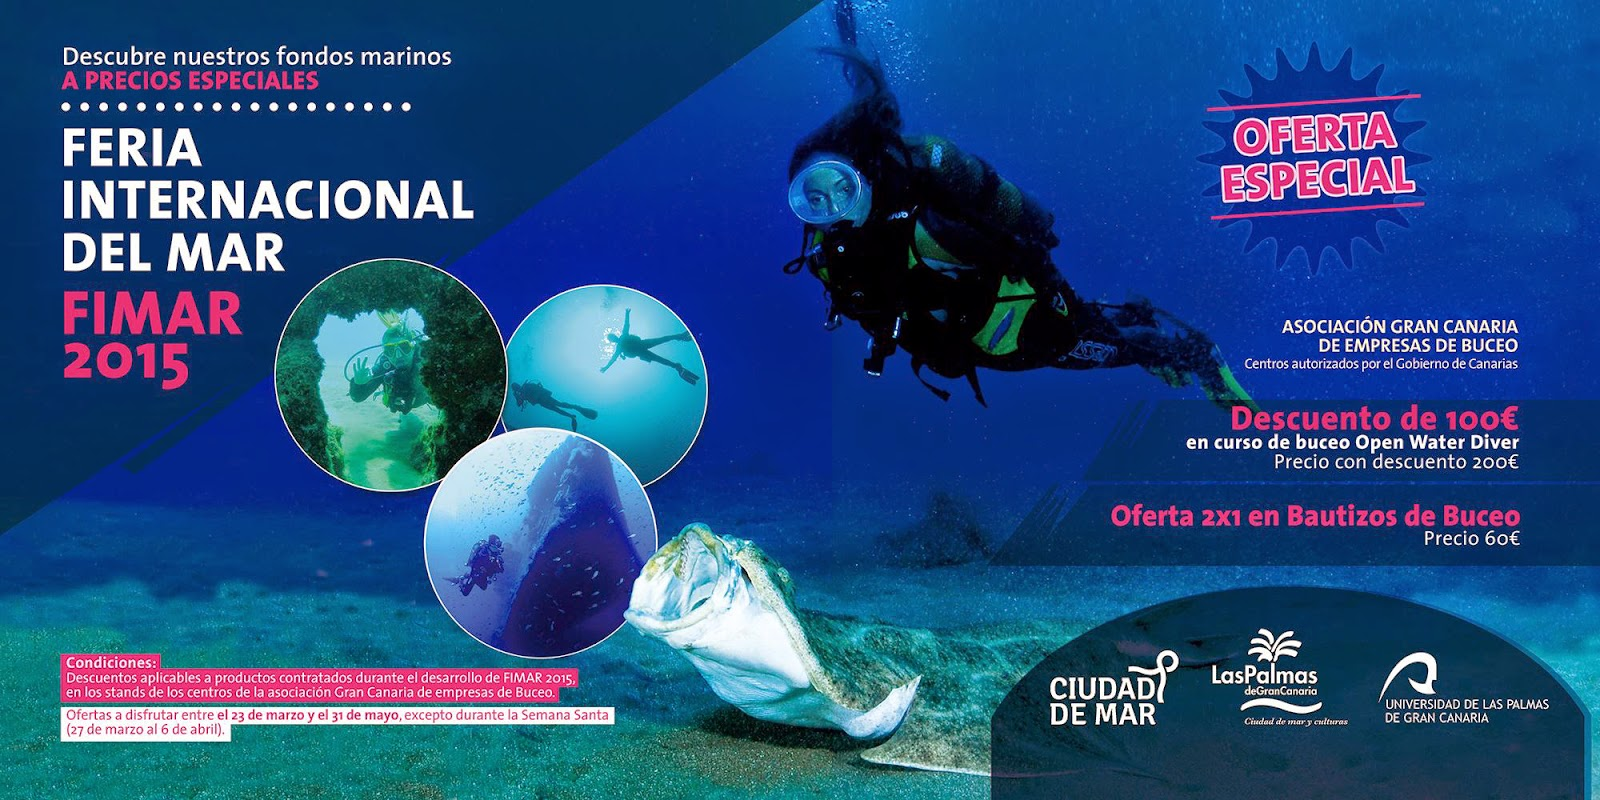 programa Fimar Feria Internacional del Mar 2015 las palmas